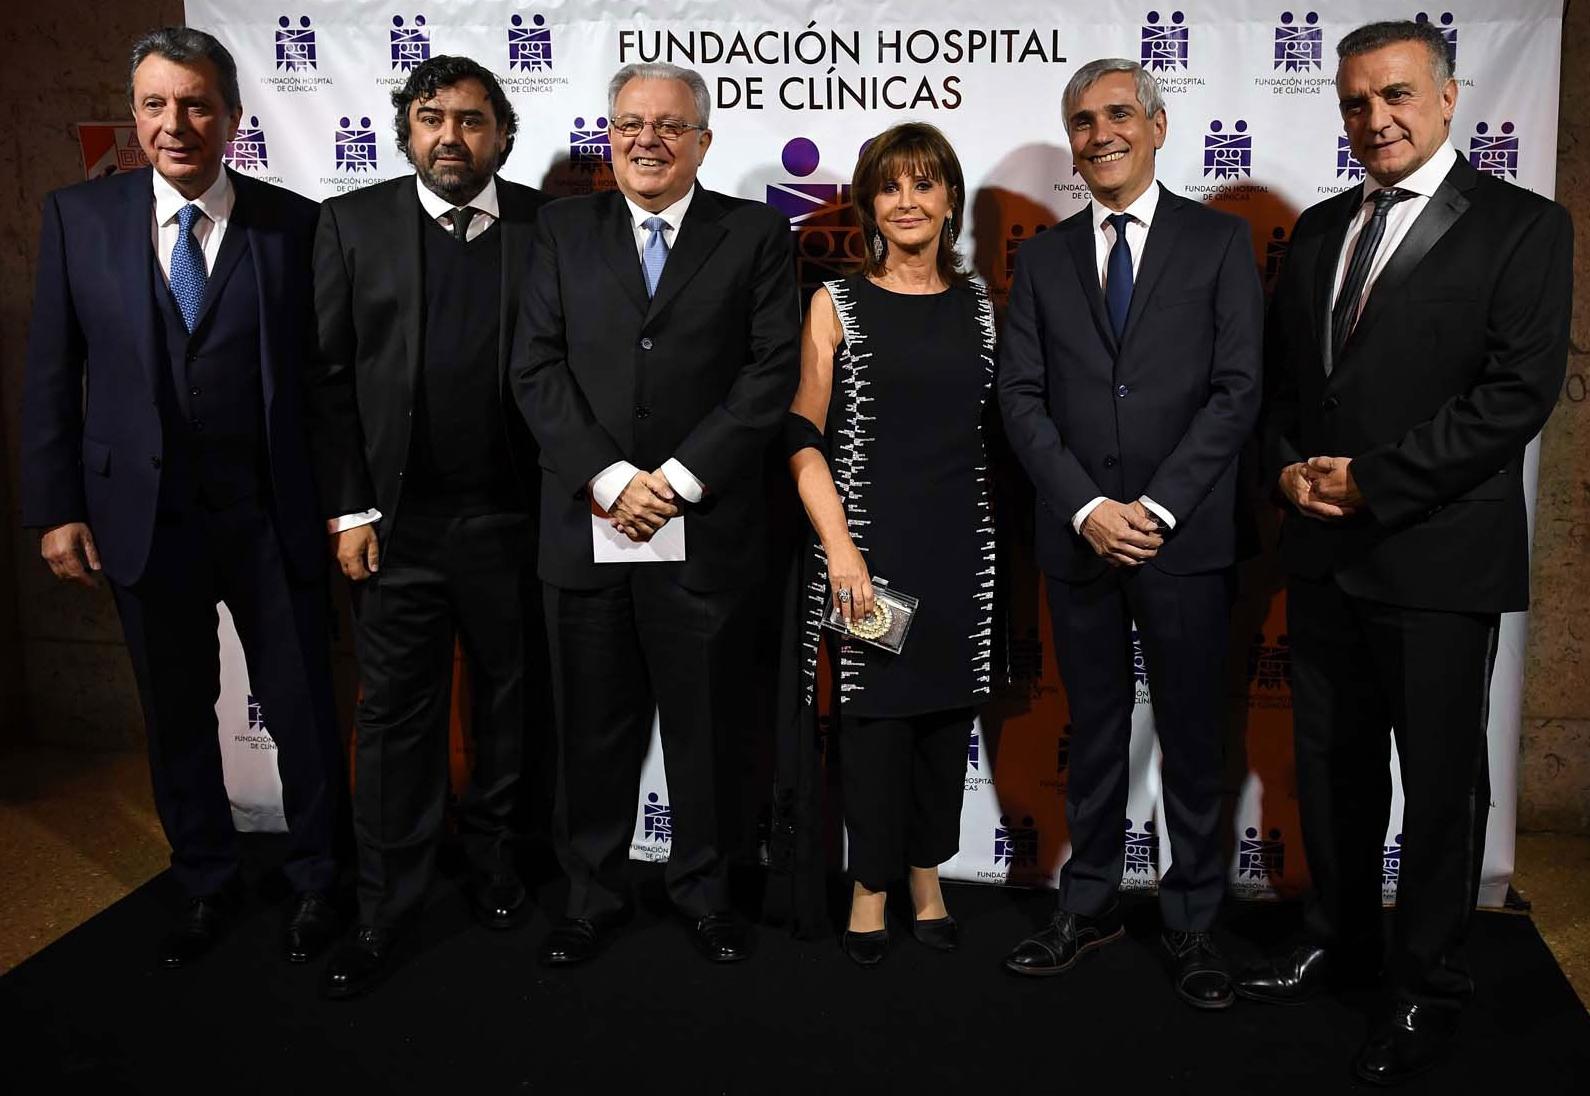 Carlos Rojo, Juan Cruz Ávila (vocal de la Fundación), Alberto Barbieri, Myriam Levi (vicepresidente 2ª de la Fundación), Pedro Insausti y Marcelo Melo, director del Hospital de Clínicas